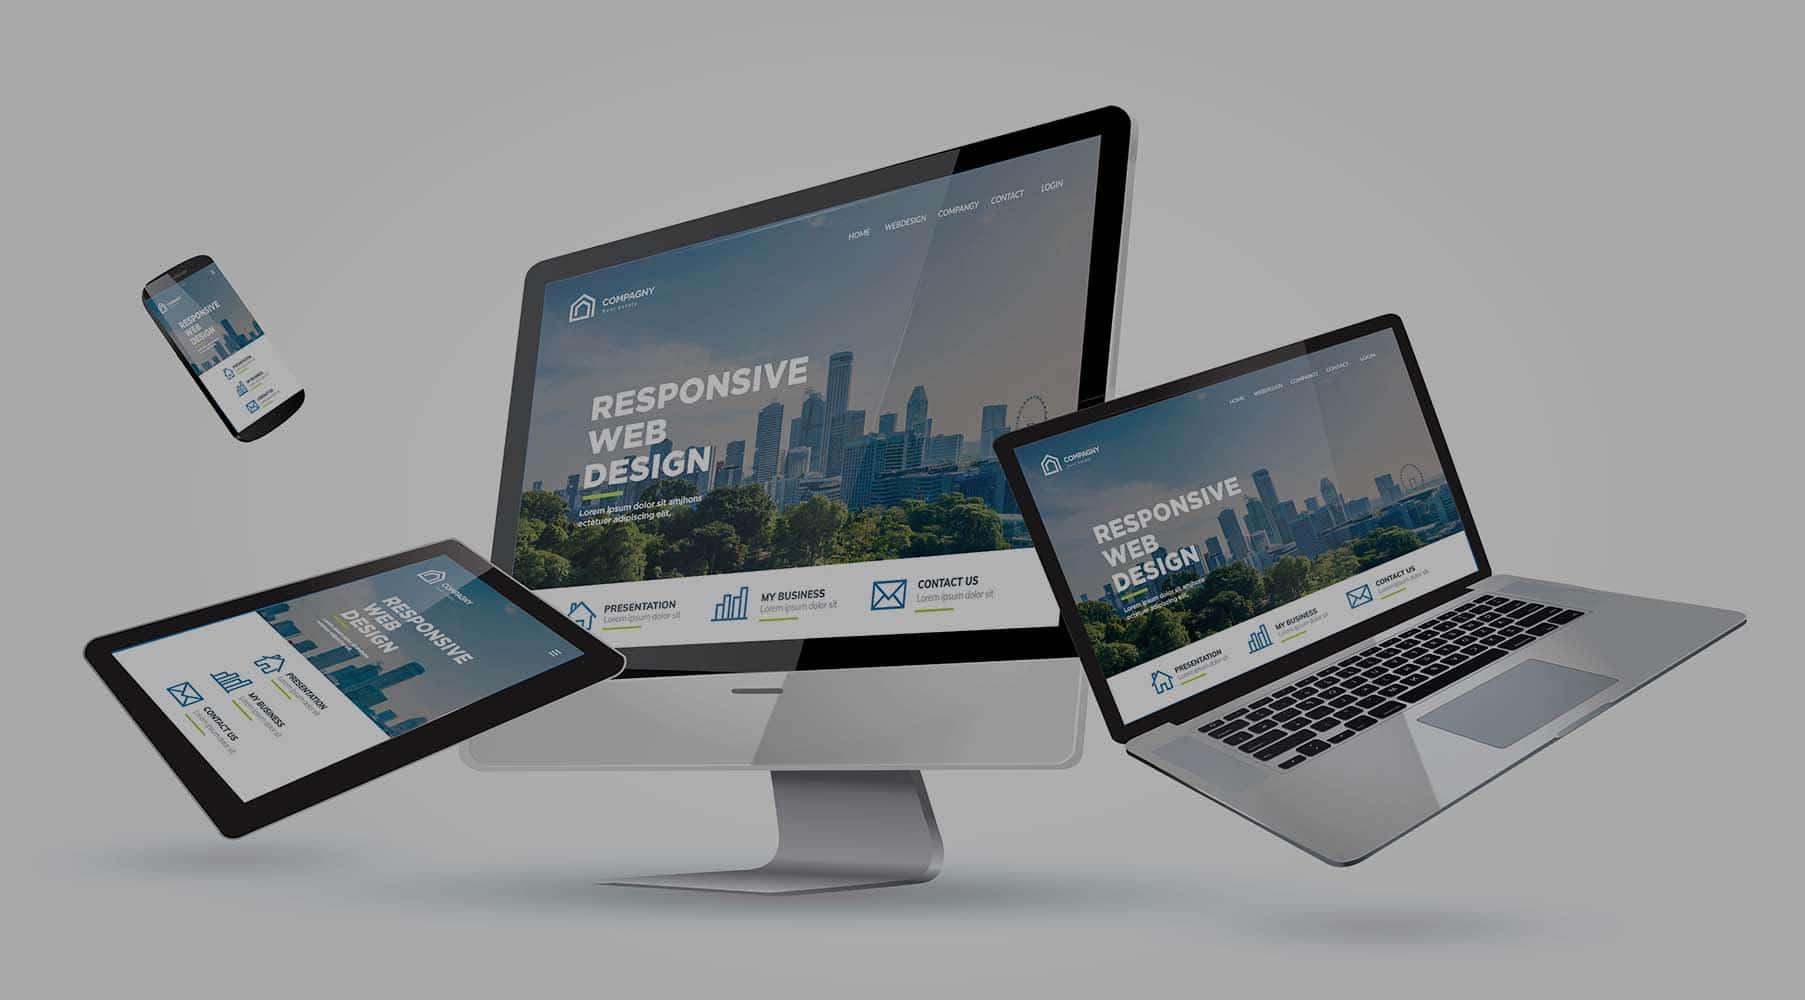 création hébergement des sites web et application mobile responsive